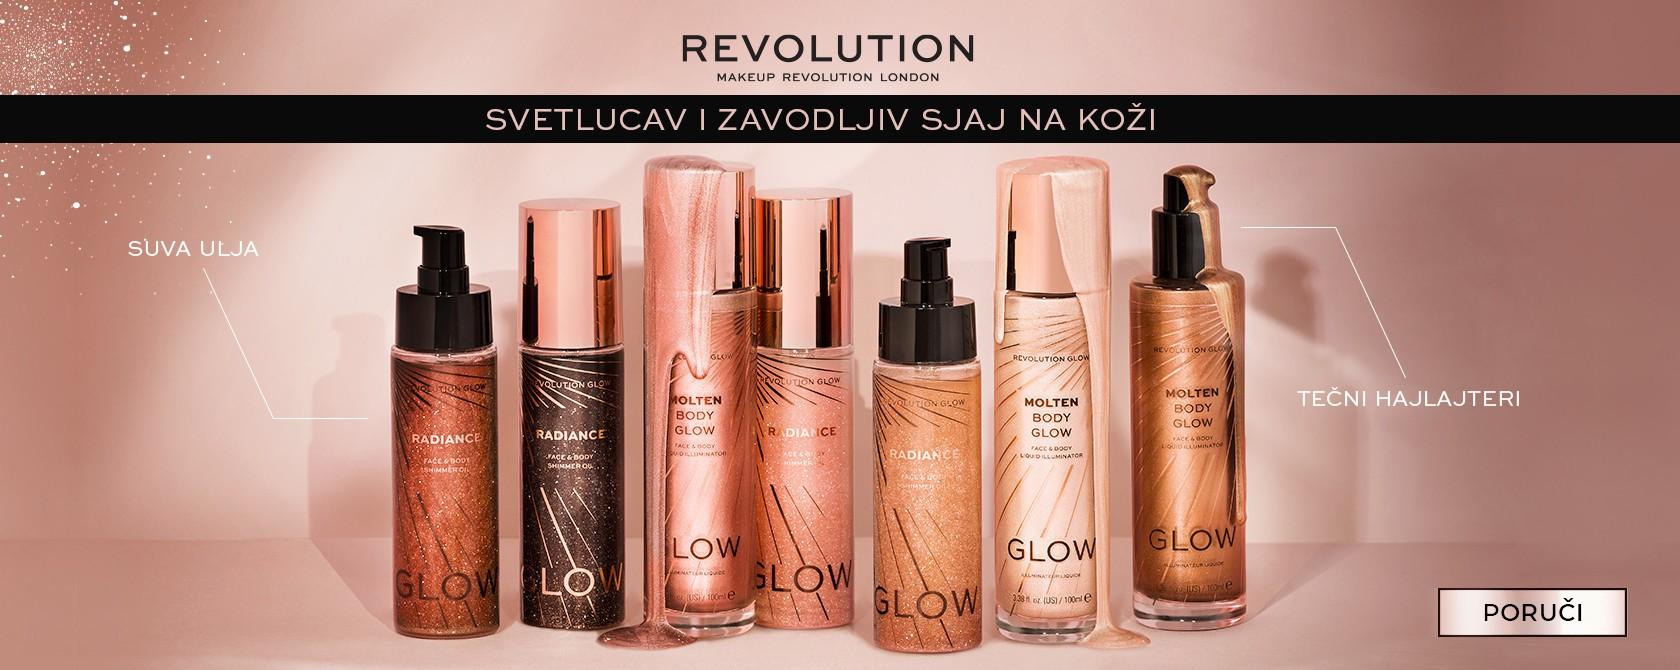 X Revolution Glow